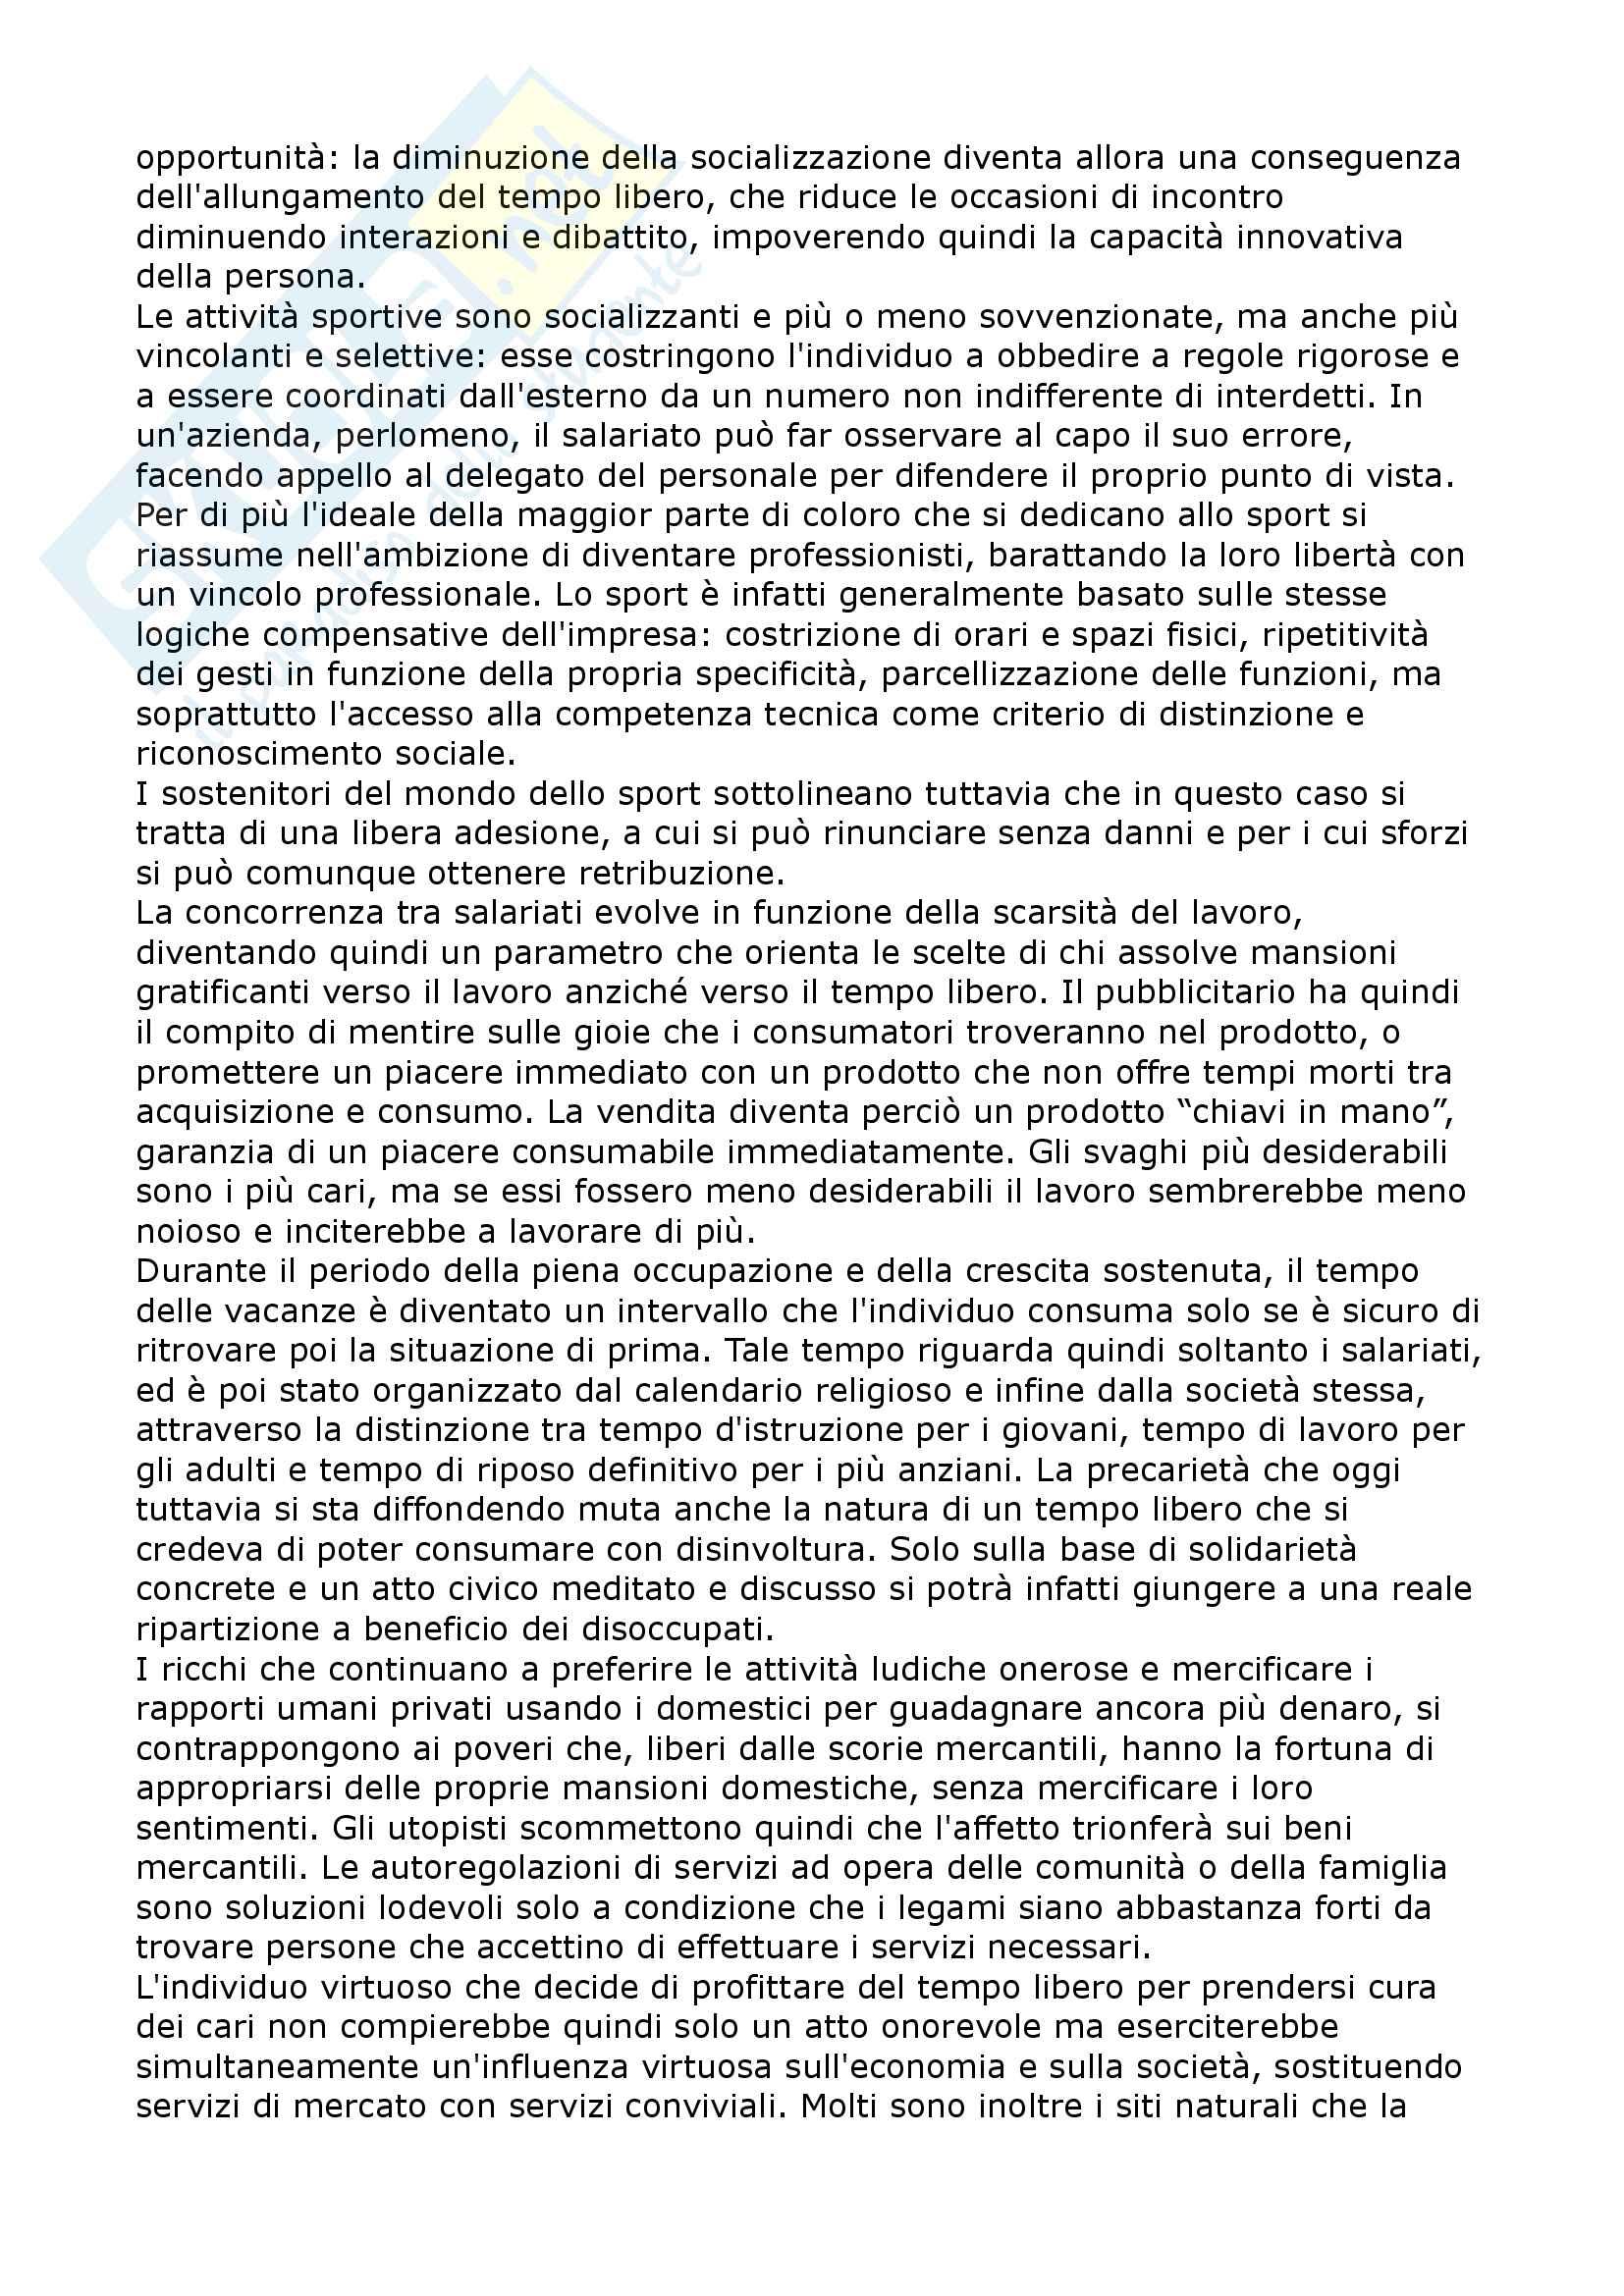 Riassunto esame Sociologia del tempo libero, prof. Russo, libro consigliato L'utopia del tempo libero, Mothé Pag. 6